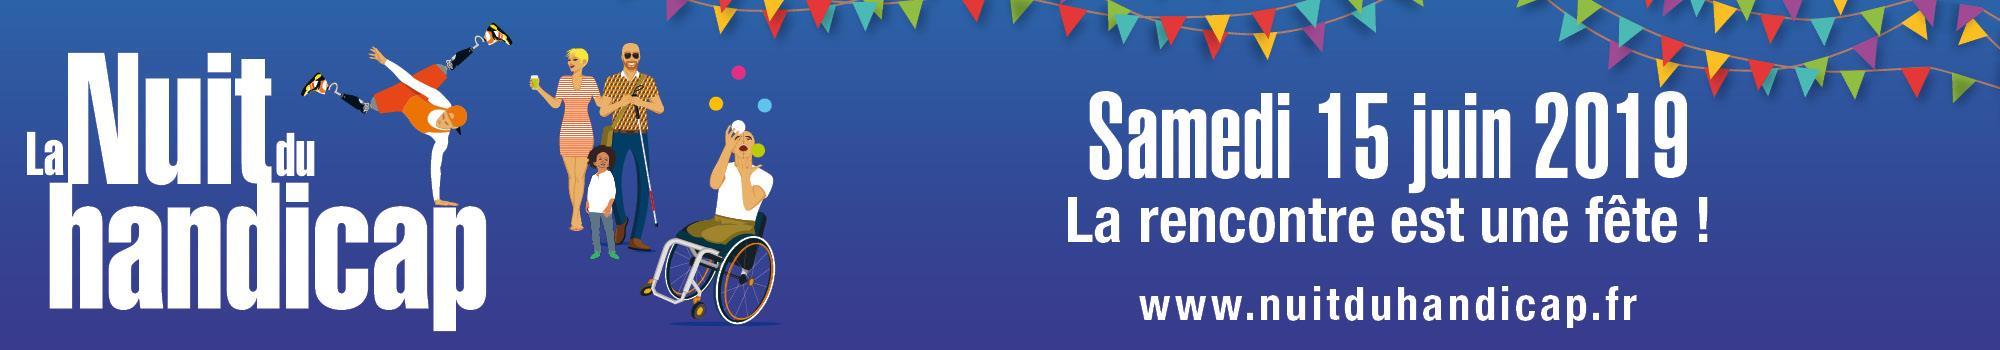 La Nuit du handicap 2019 - Nantes - LA NUIT DU HANDICAP